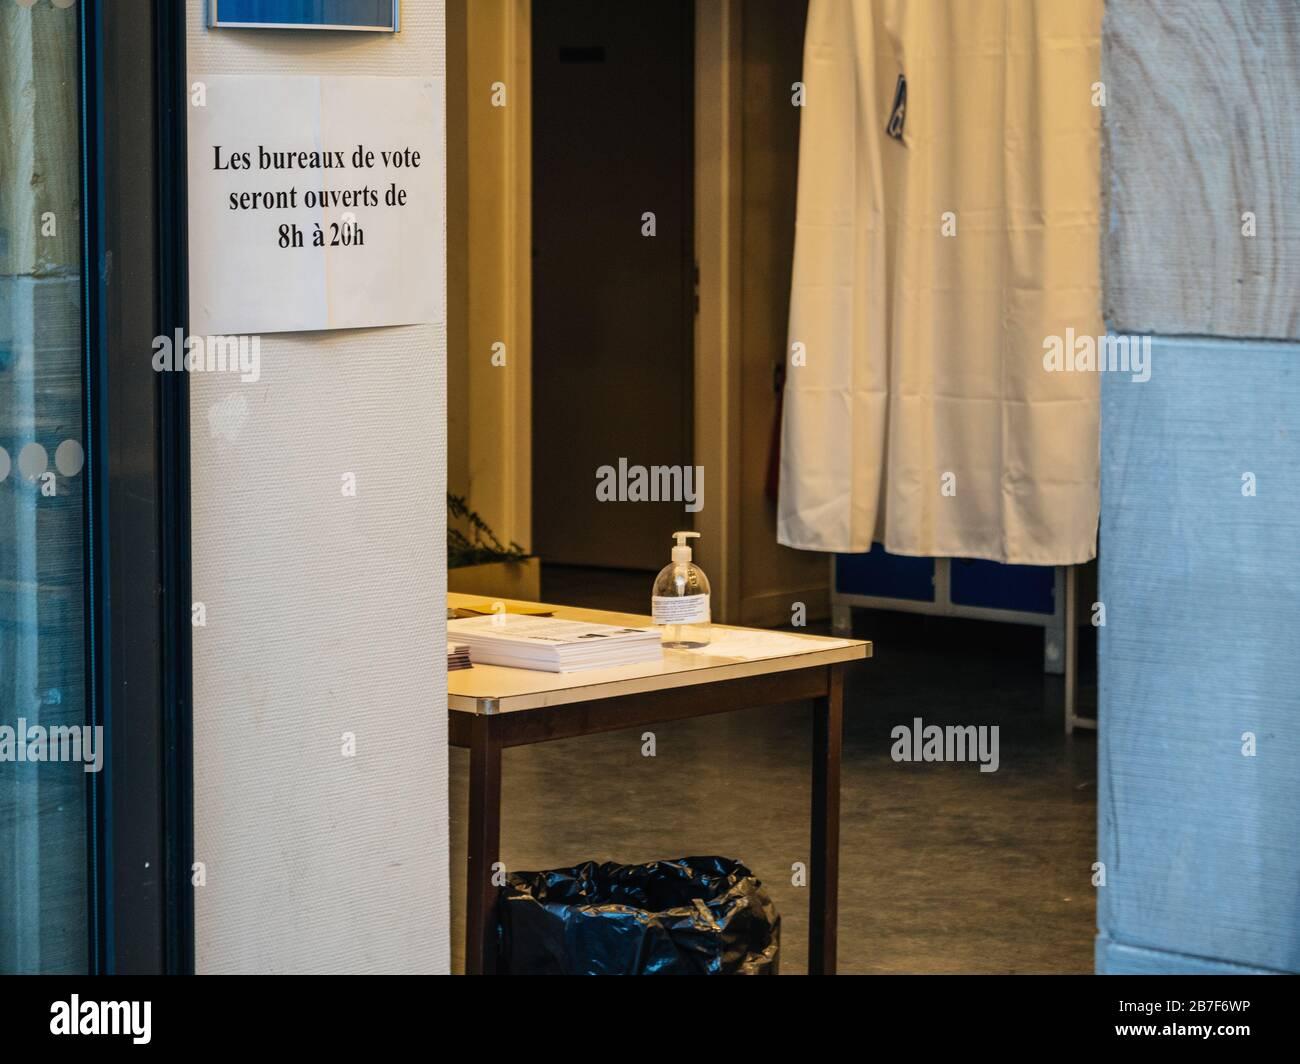 Straßburg, Frankreich - 15. März 2020: Handdesinfektionsmittel im Wahllokal während der ersten Runde der Bürgermeisterwahlen in Paris, während Frankreich mit einem Ausbruch der Coronavirus-Krankheit COVID-19 grappt Stockfoto